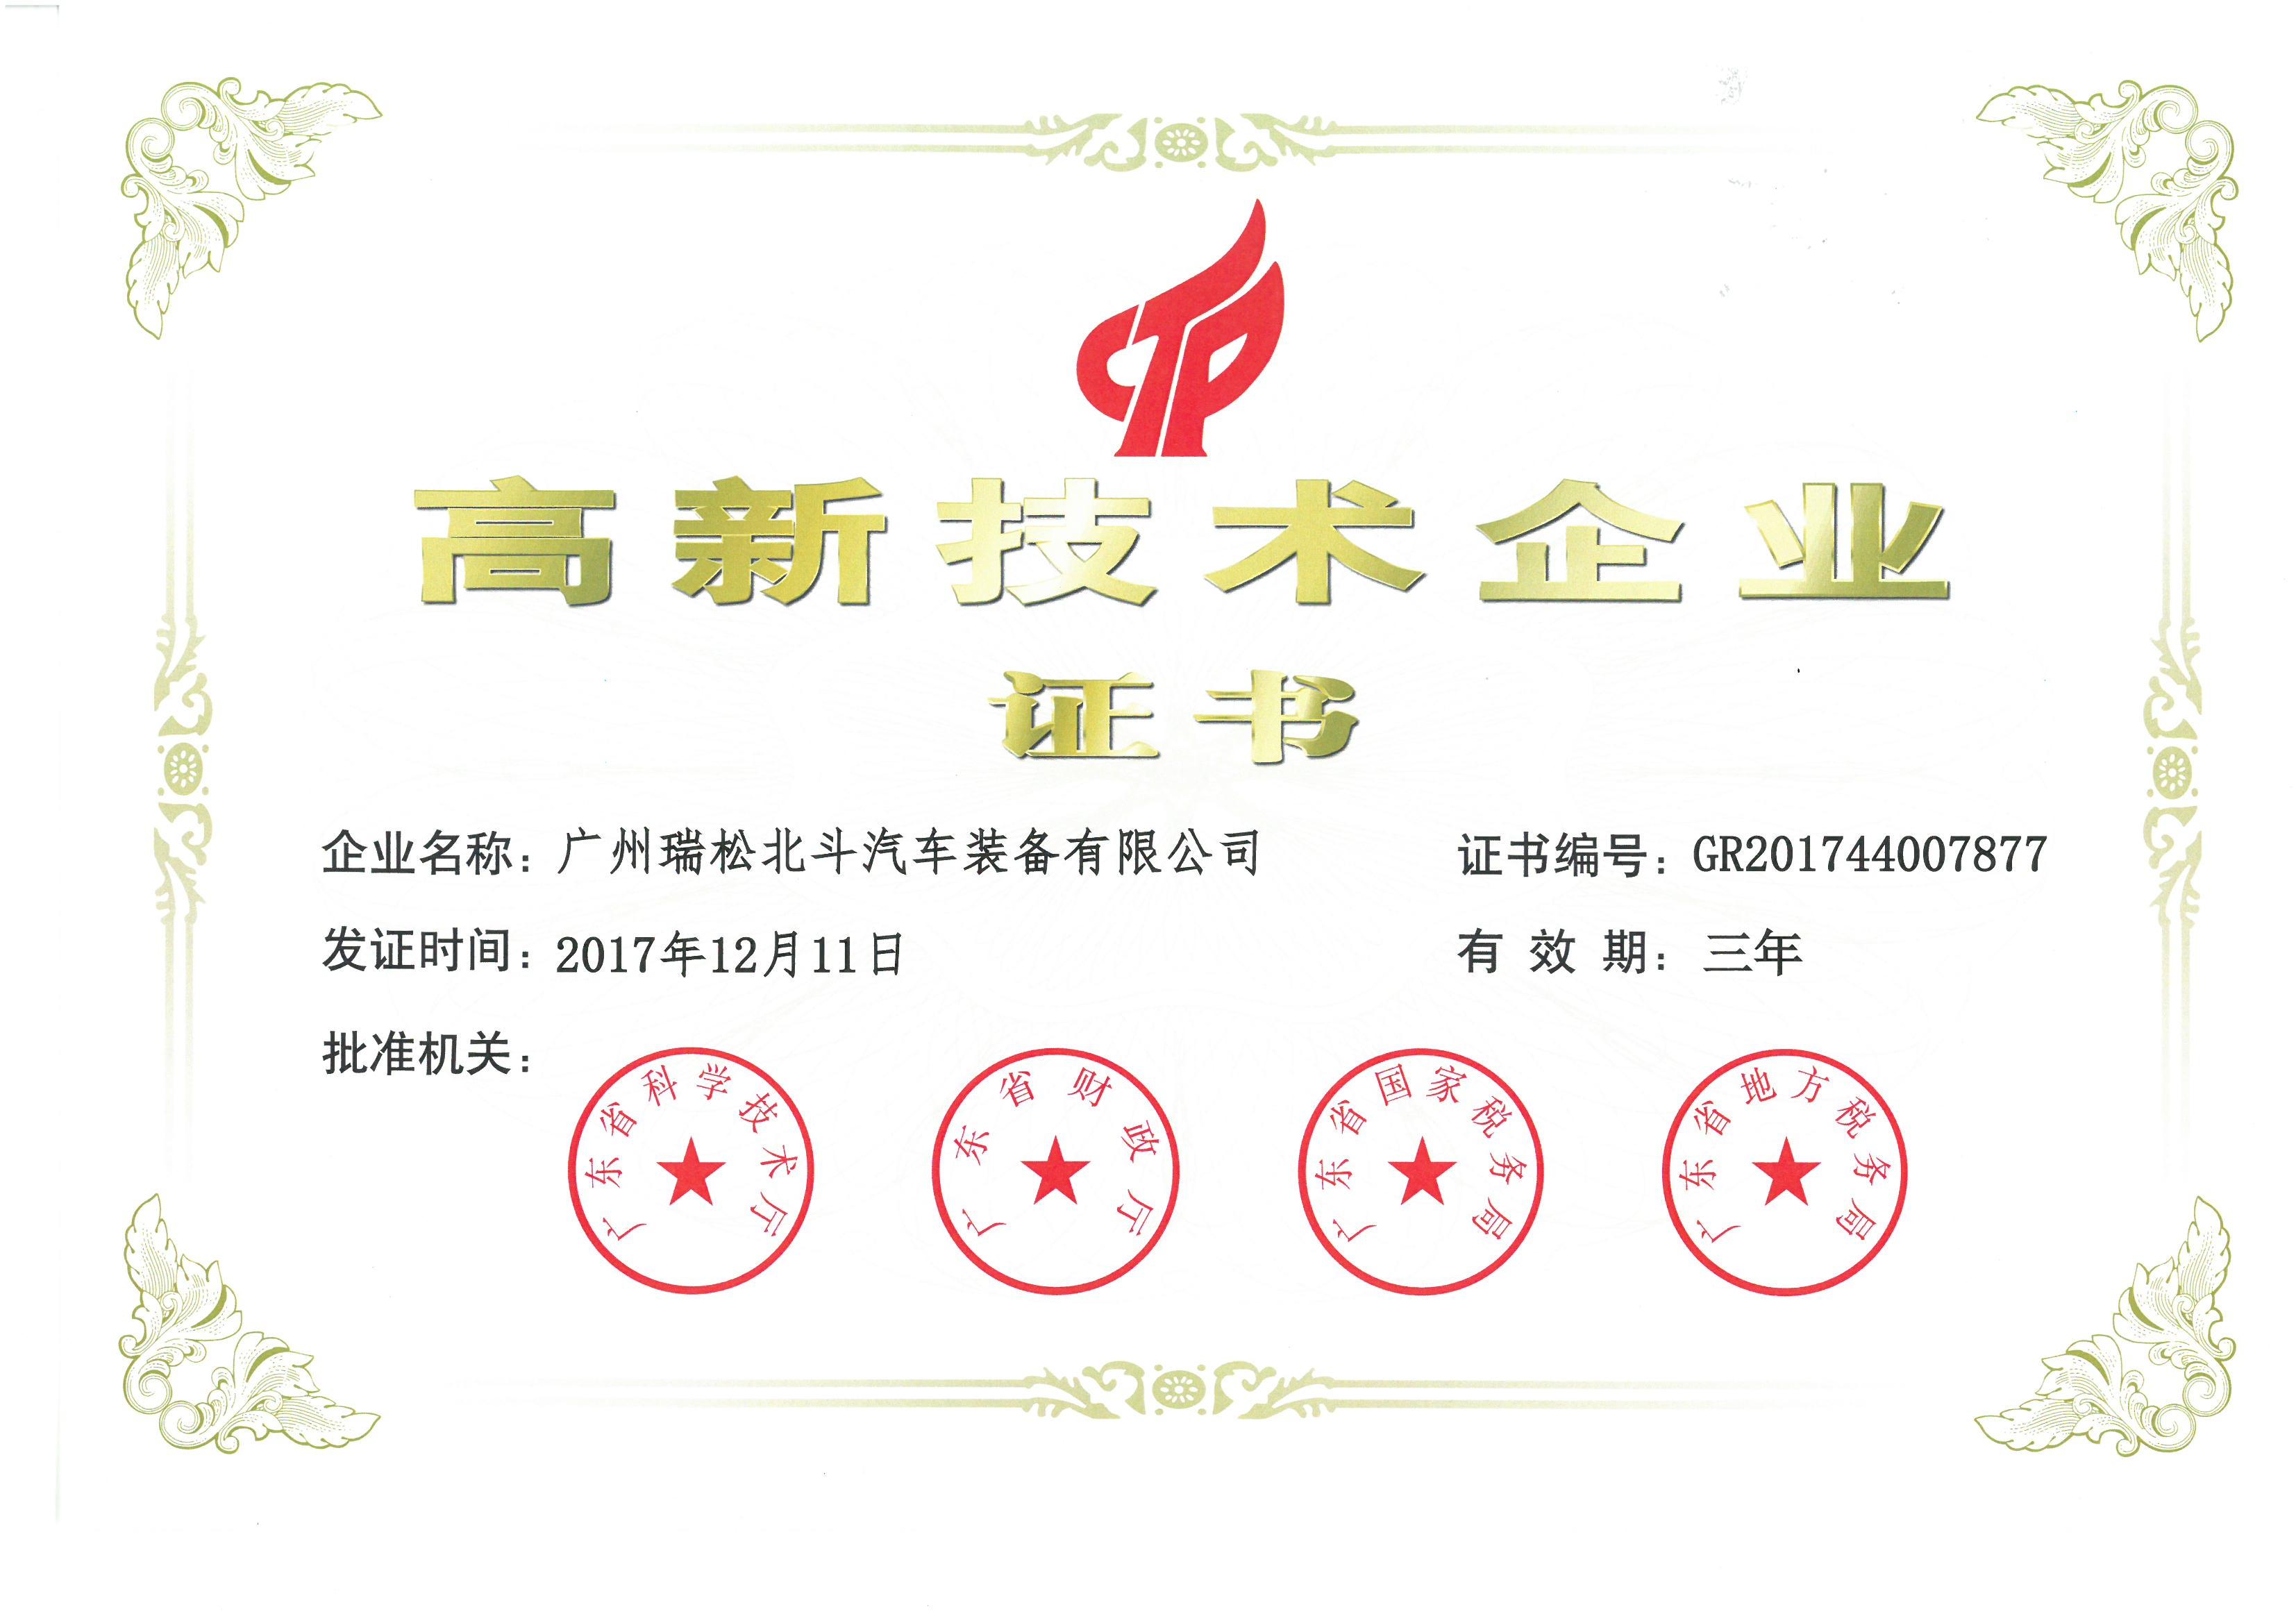 瑞松北斗获得高新技术企业认证